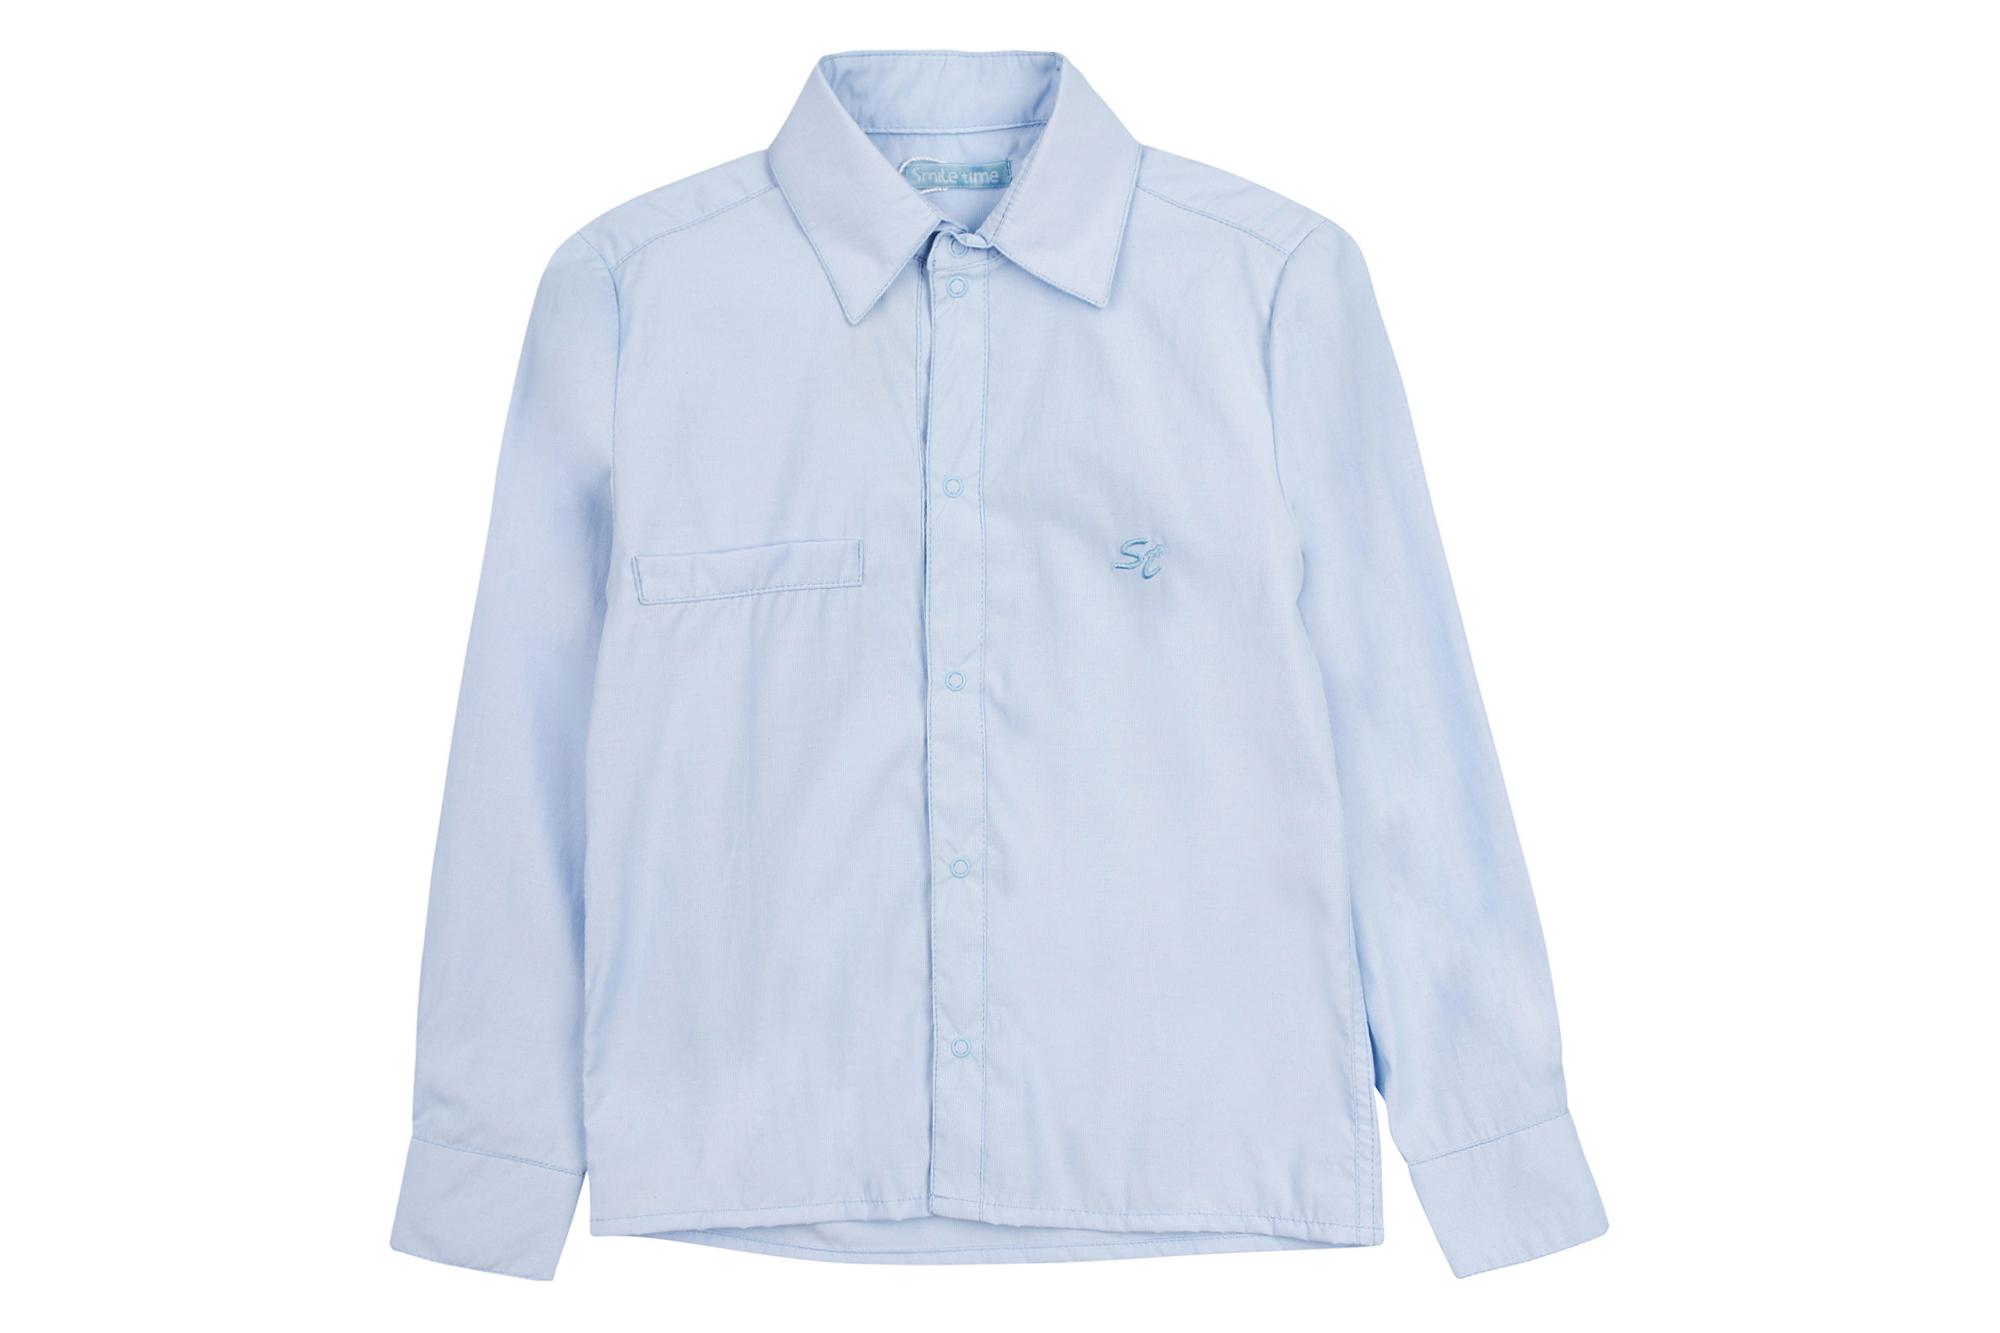 Рубашка SmileTime для мальчика с длинным рукавом на кнопках Полоса, синяя